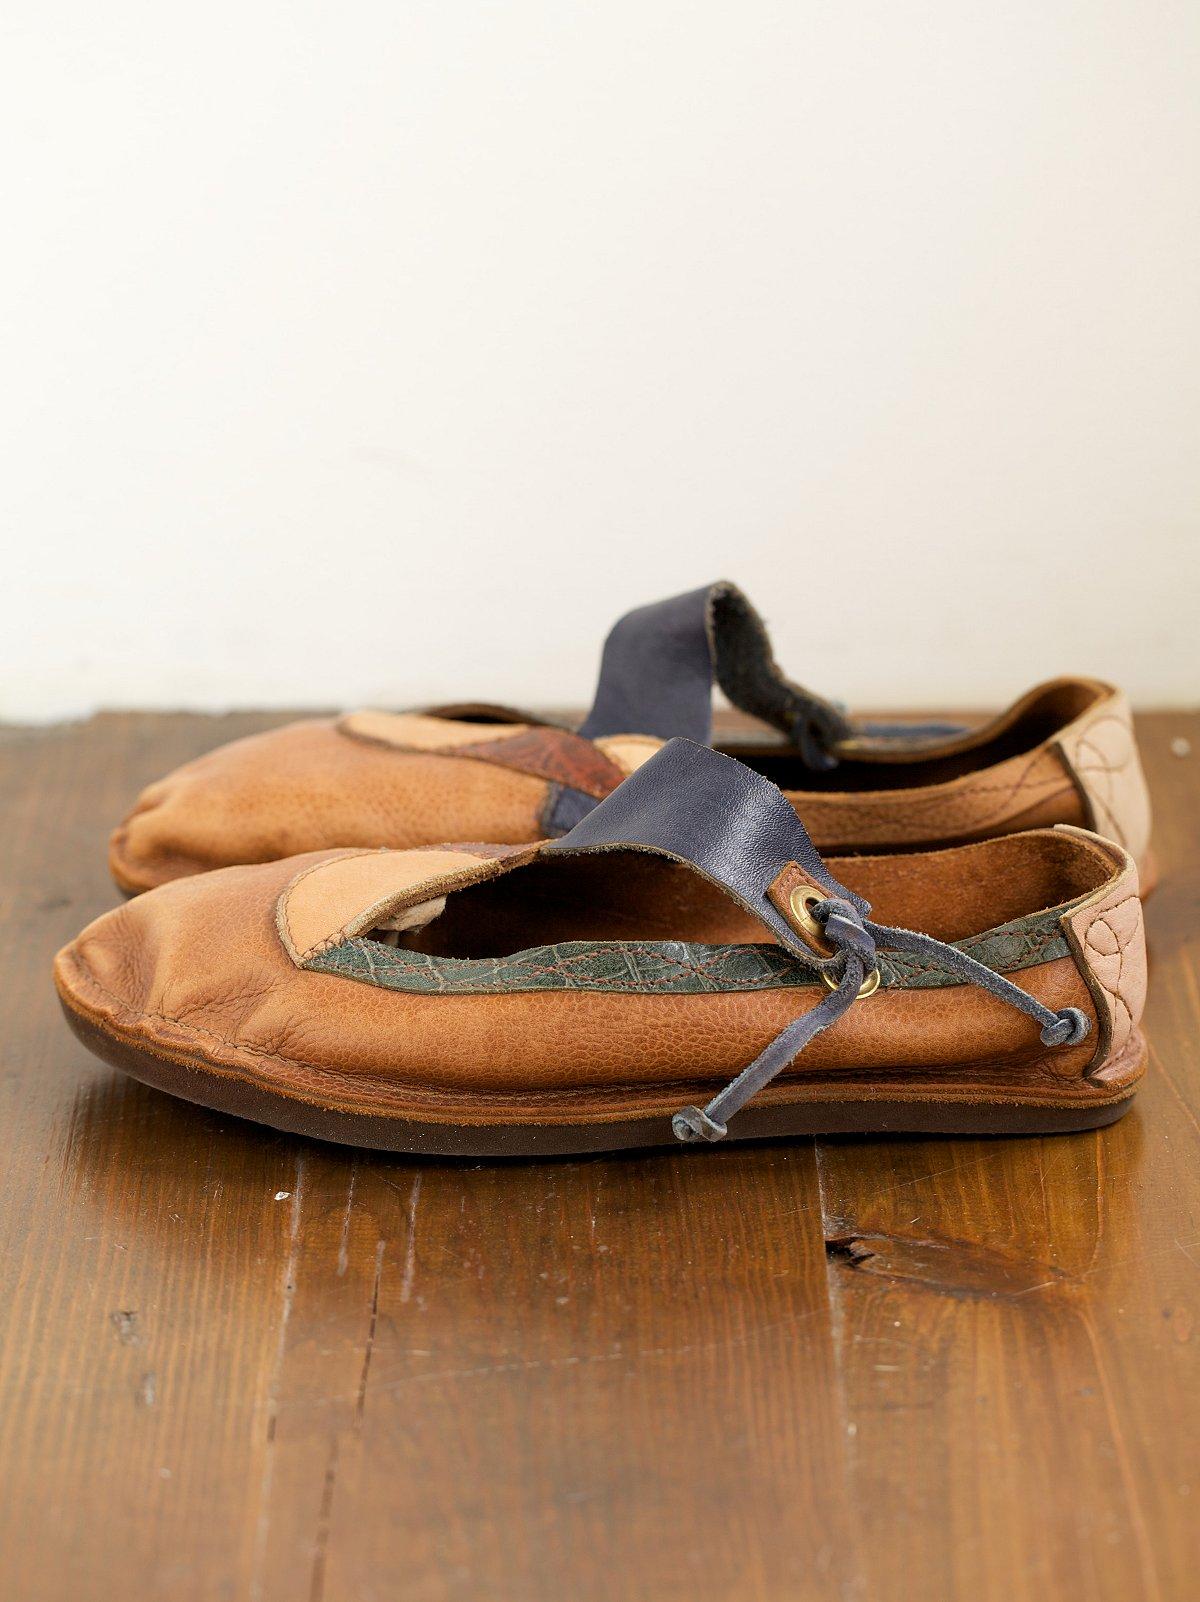 Vintage Handmade Leather Flats